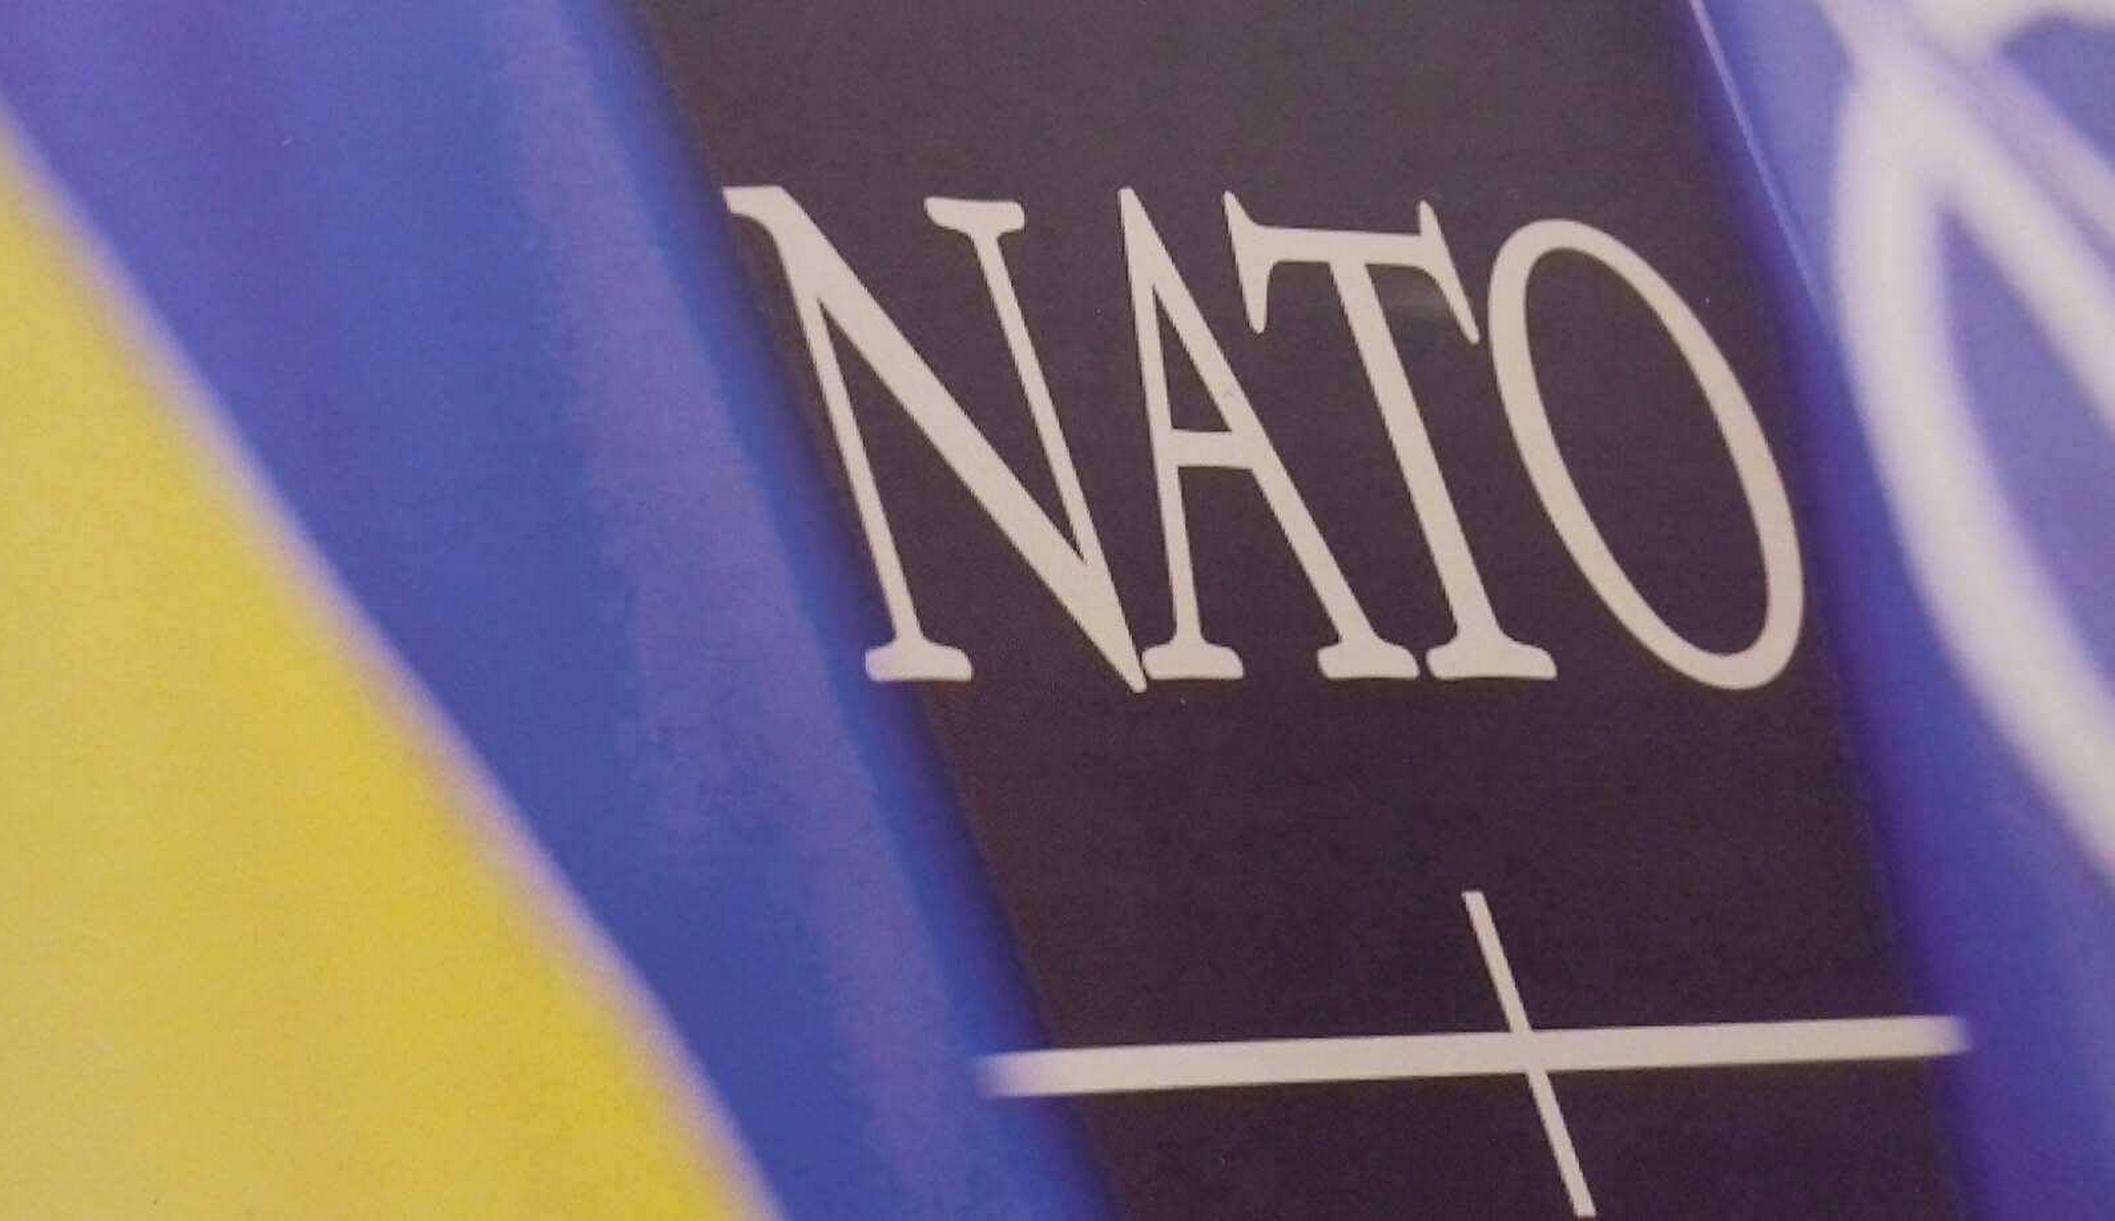 В Харькове развенчали мифы про НАТО (фото)